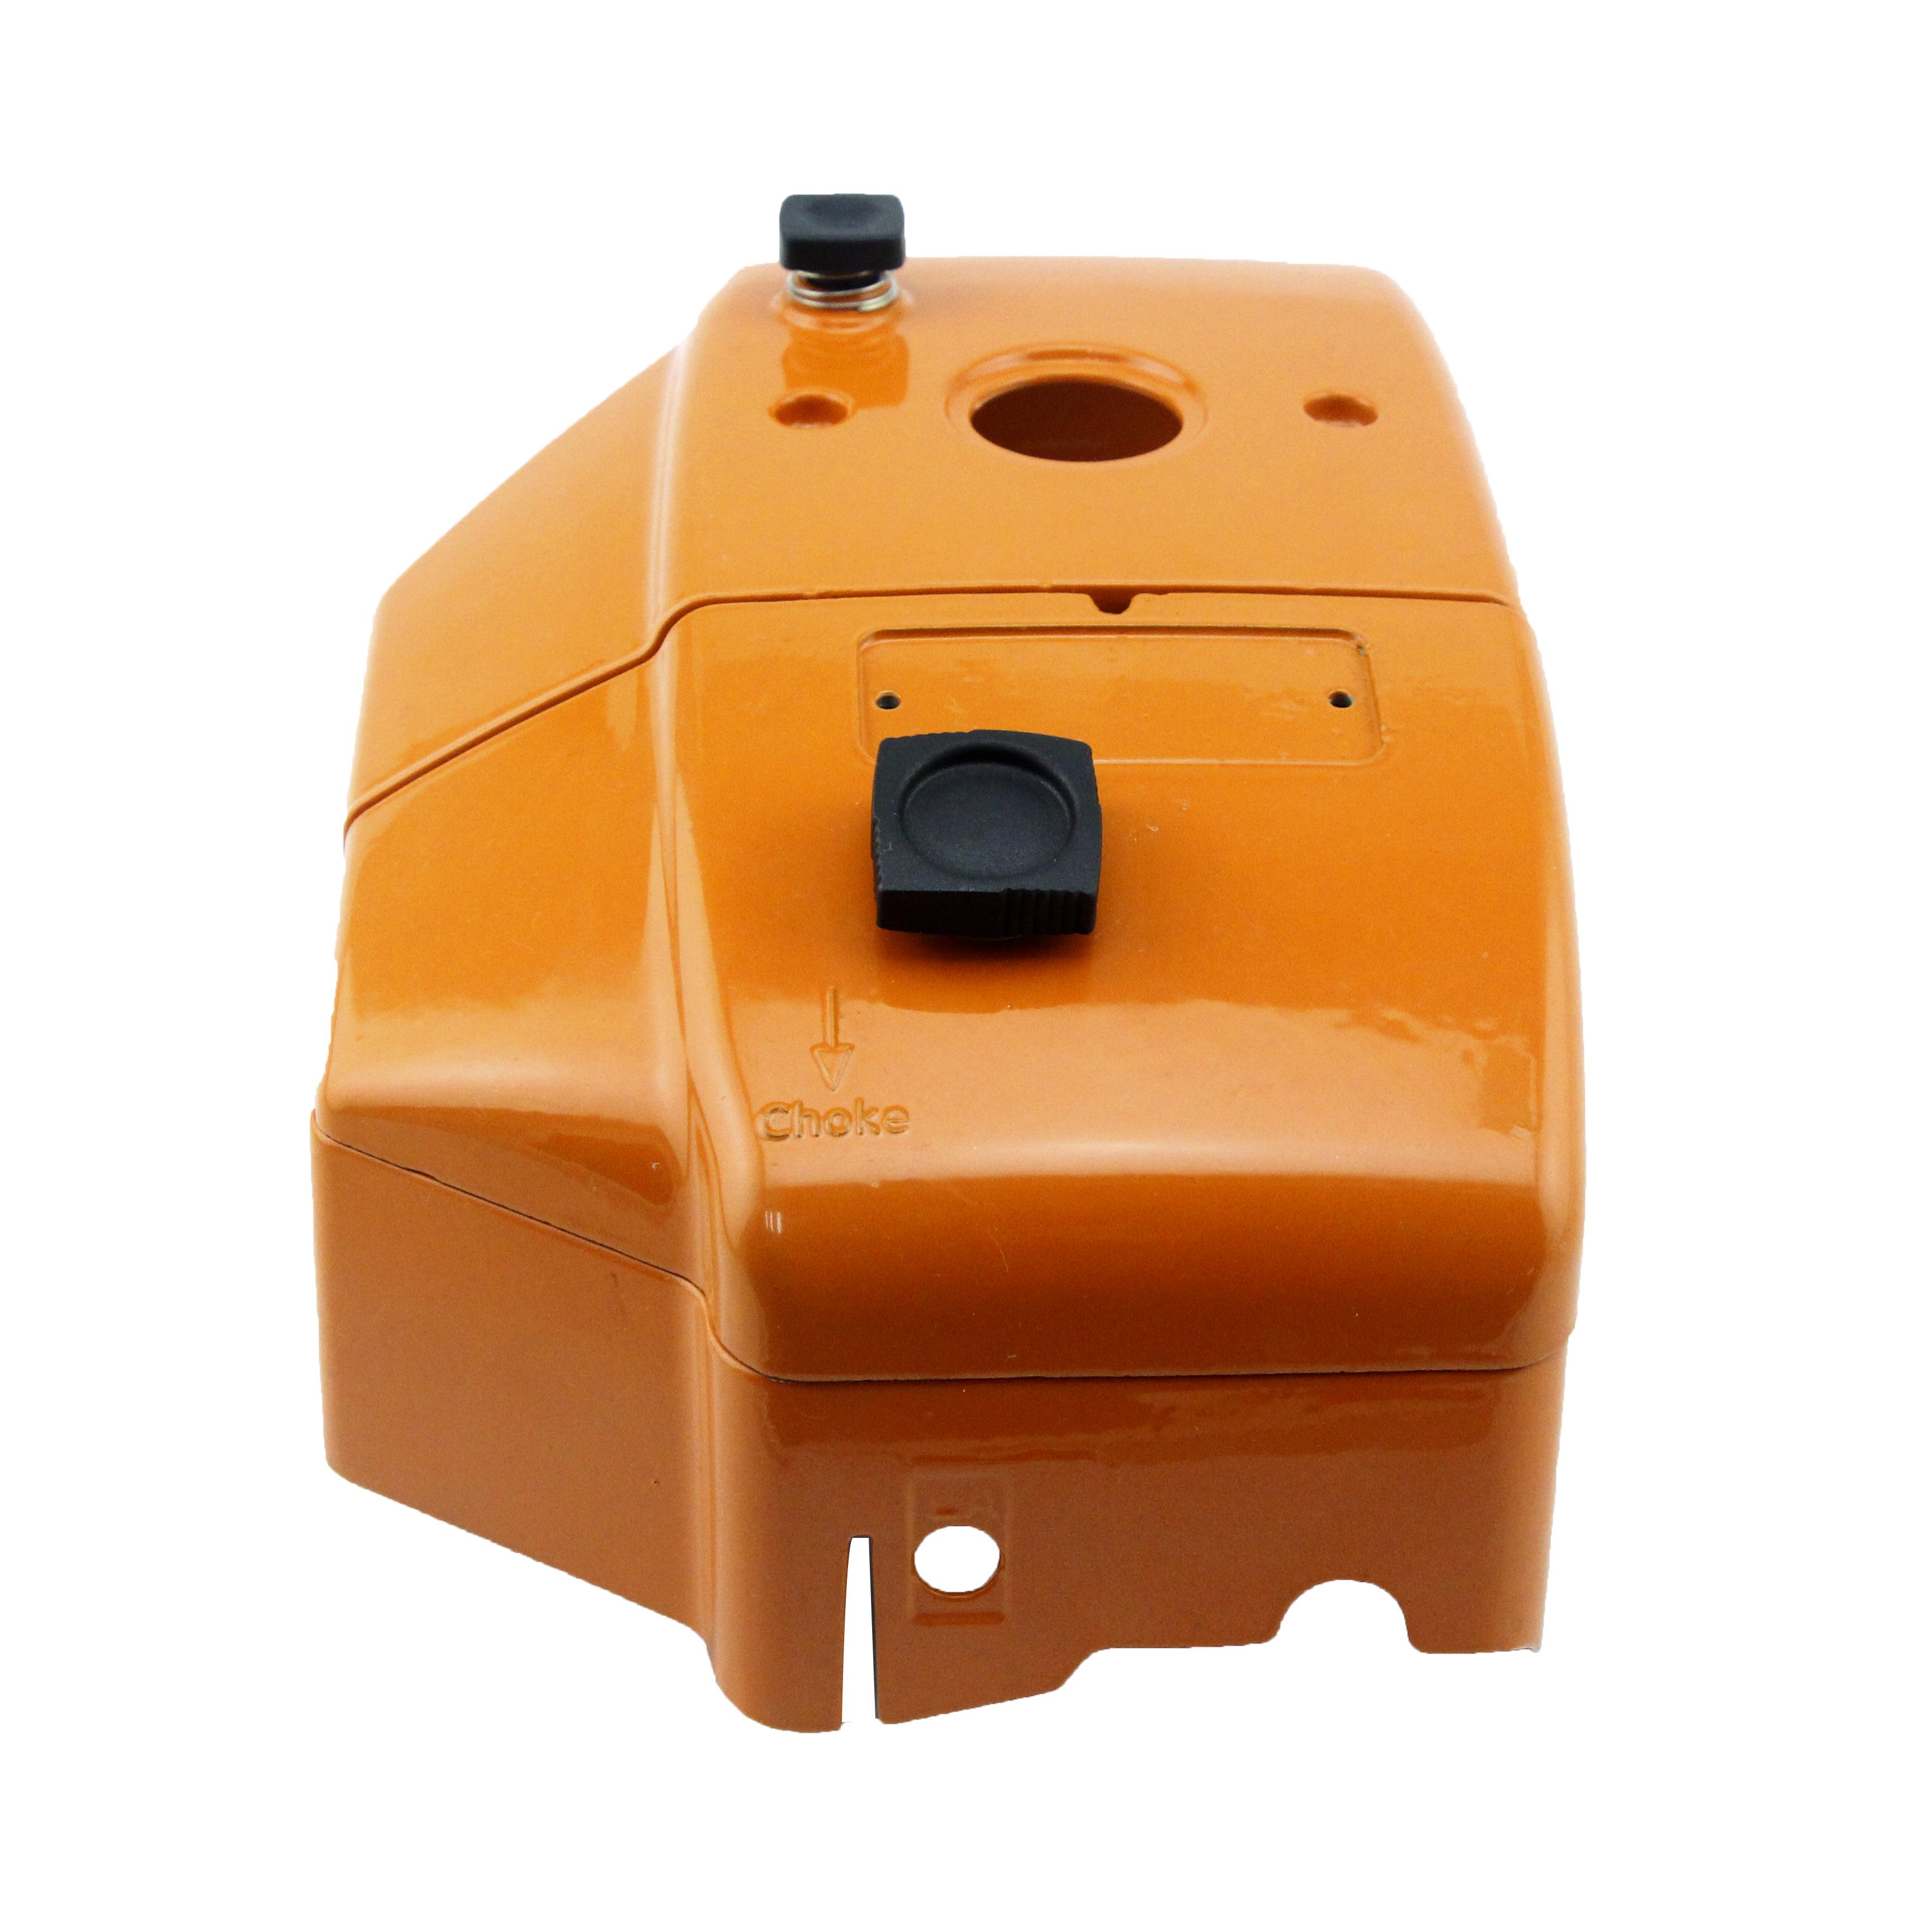 Piston RING 66mm x 1,5mm Fits STIHL 070 090 AV 070av 090av Piston Ring